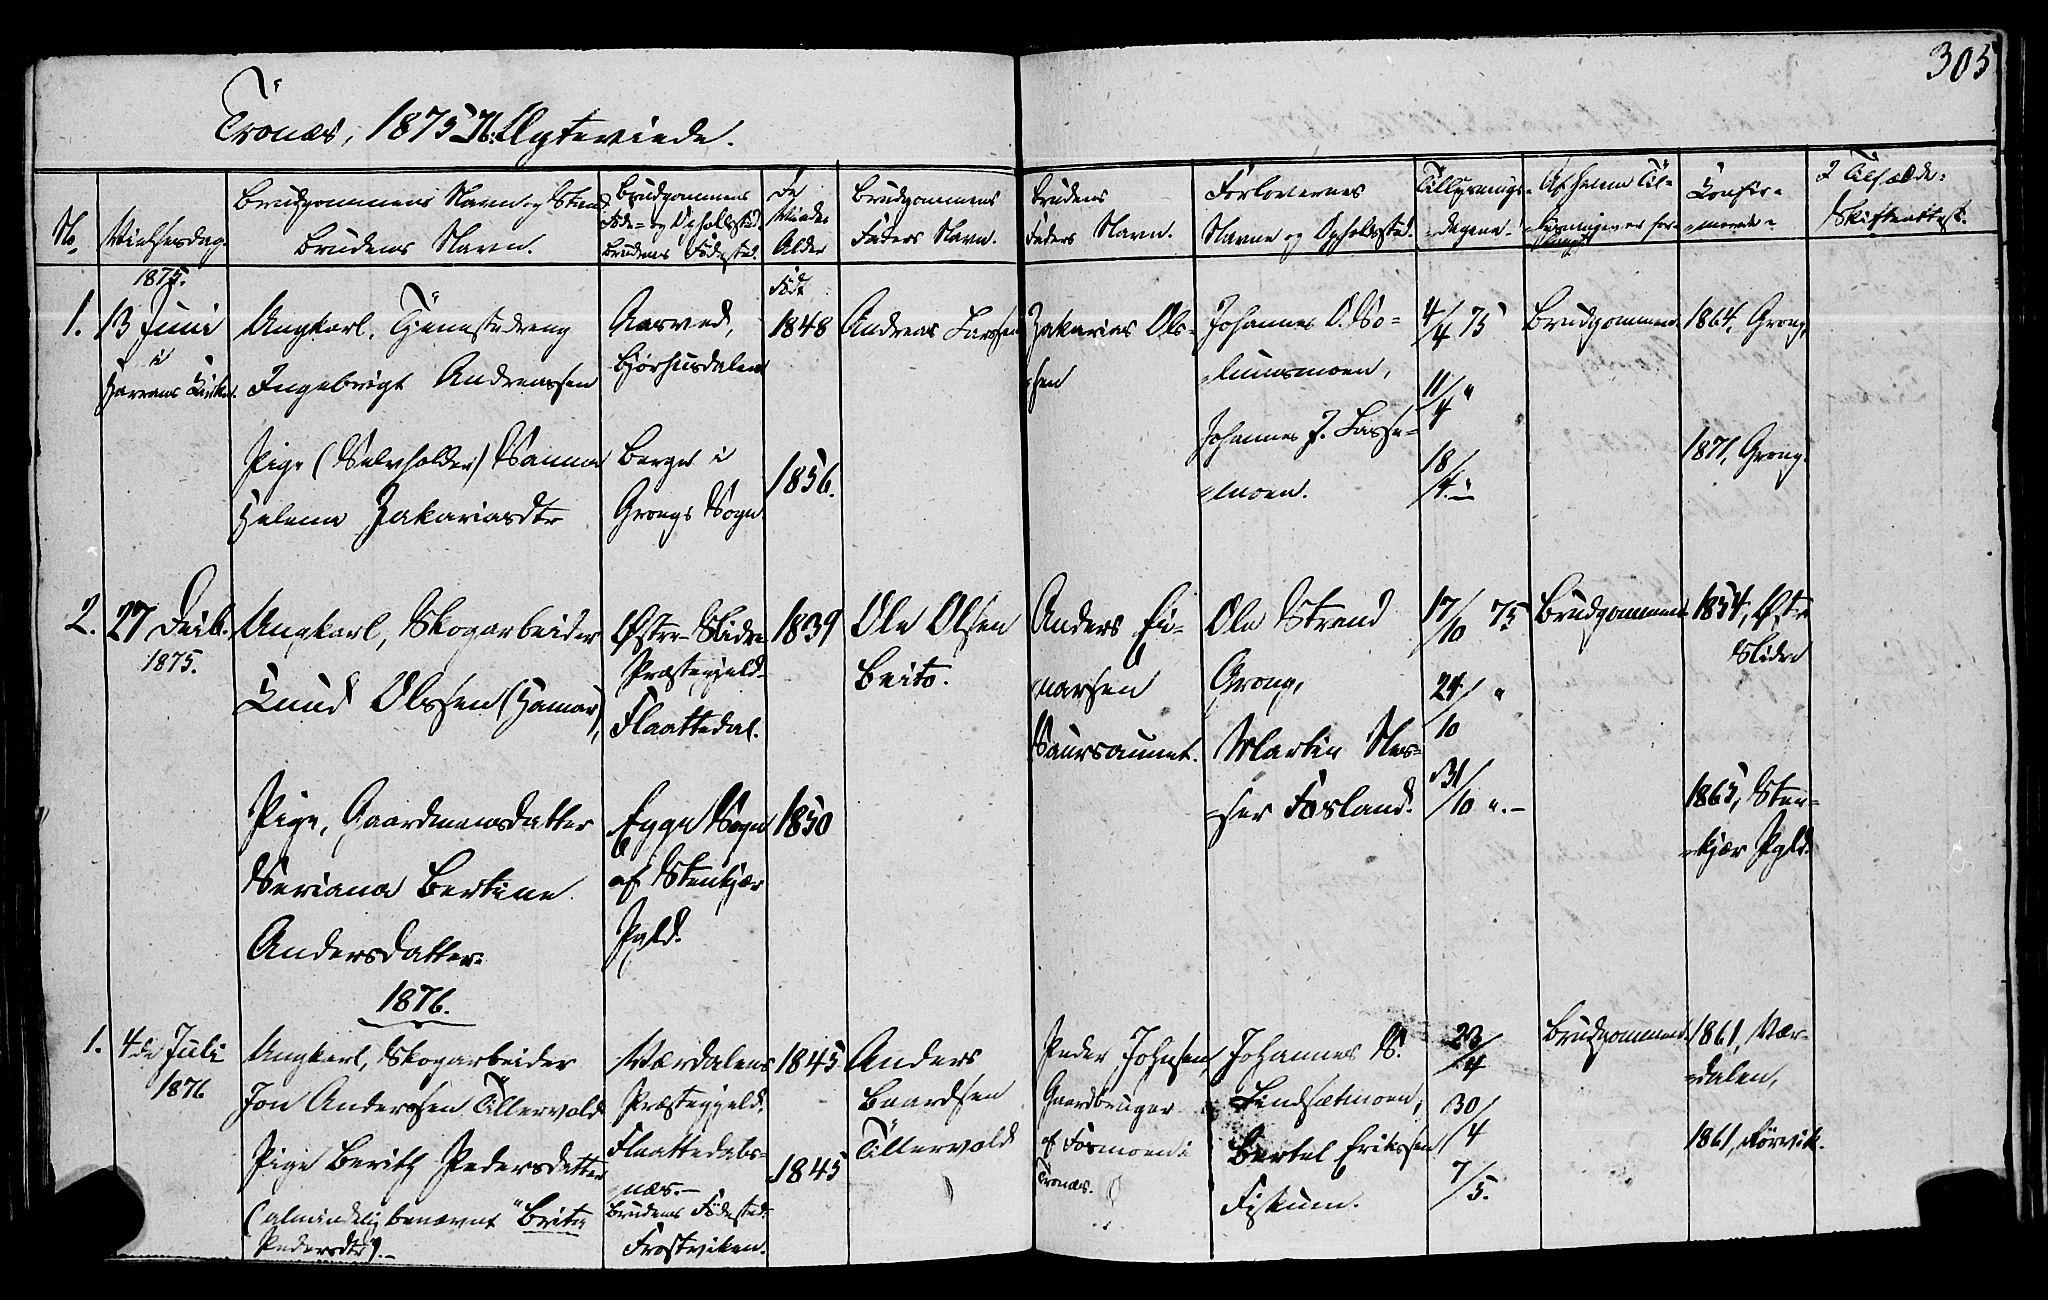 SAT, Ministerialprotokoller, klokkerbøker og fødselsregistre - Nord-Trøndelag, 762/L0538: Ministerialbok nr. 762A02 /2, 1833-1879, s. 305